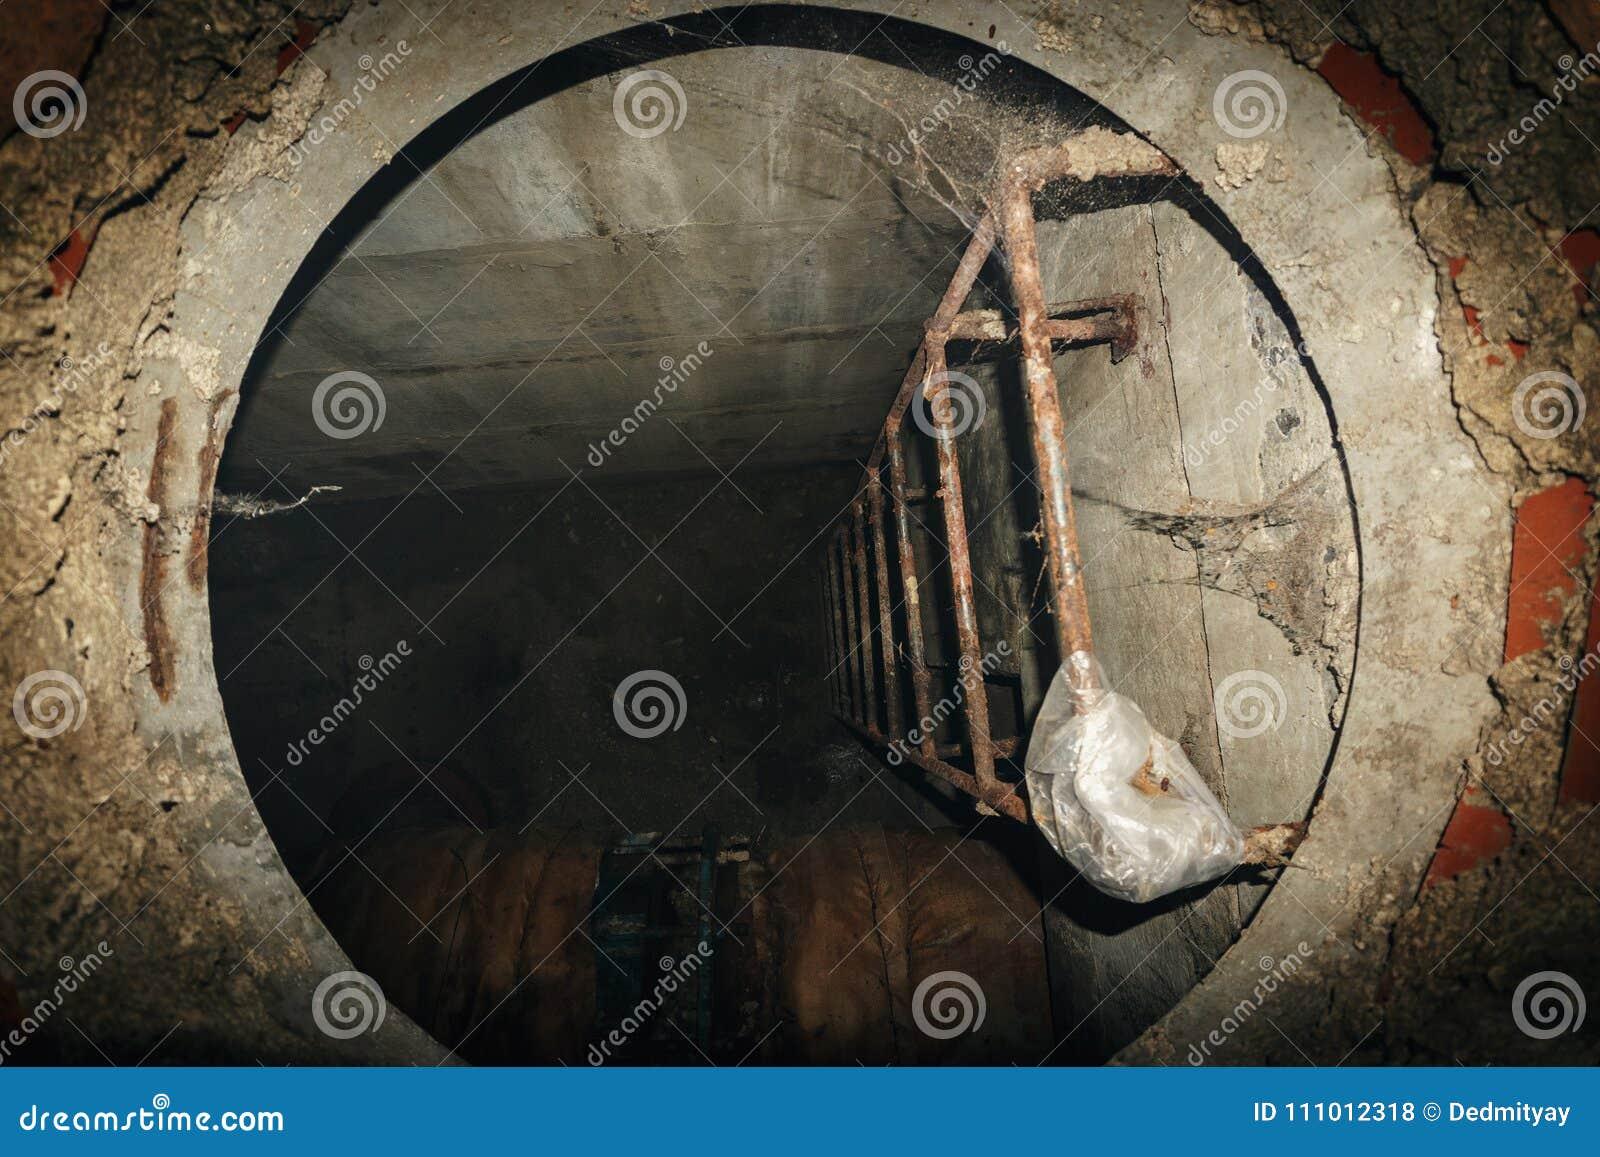 Σκάλα χάλυβα στην τεχνική κάθοδο στο υπόγειο σύστημα λυμάτων, τρύπα αποχετεύσεων